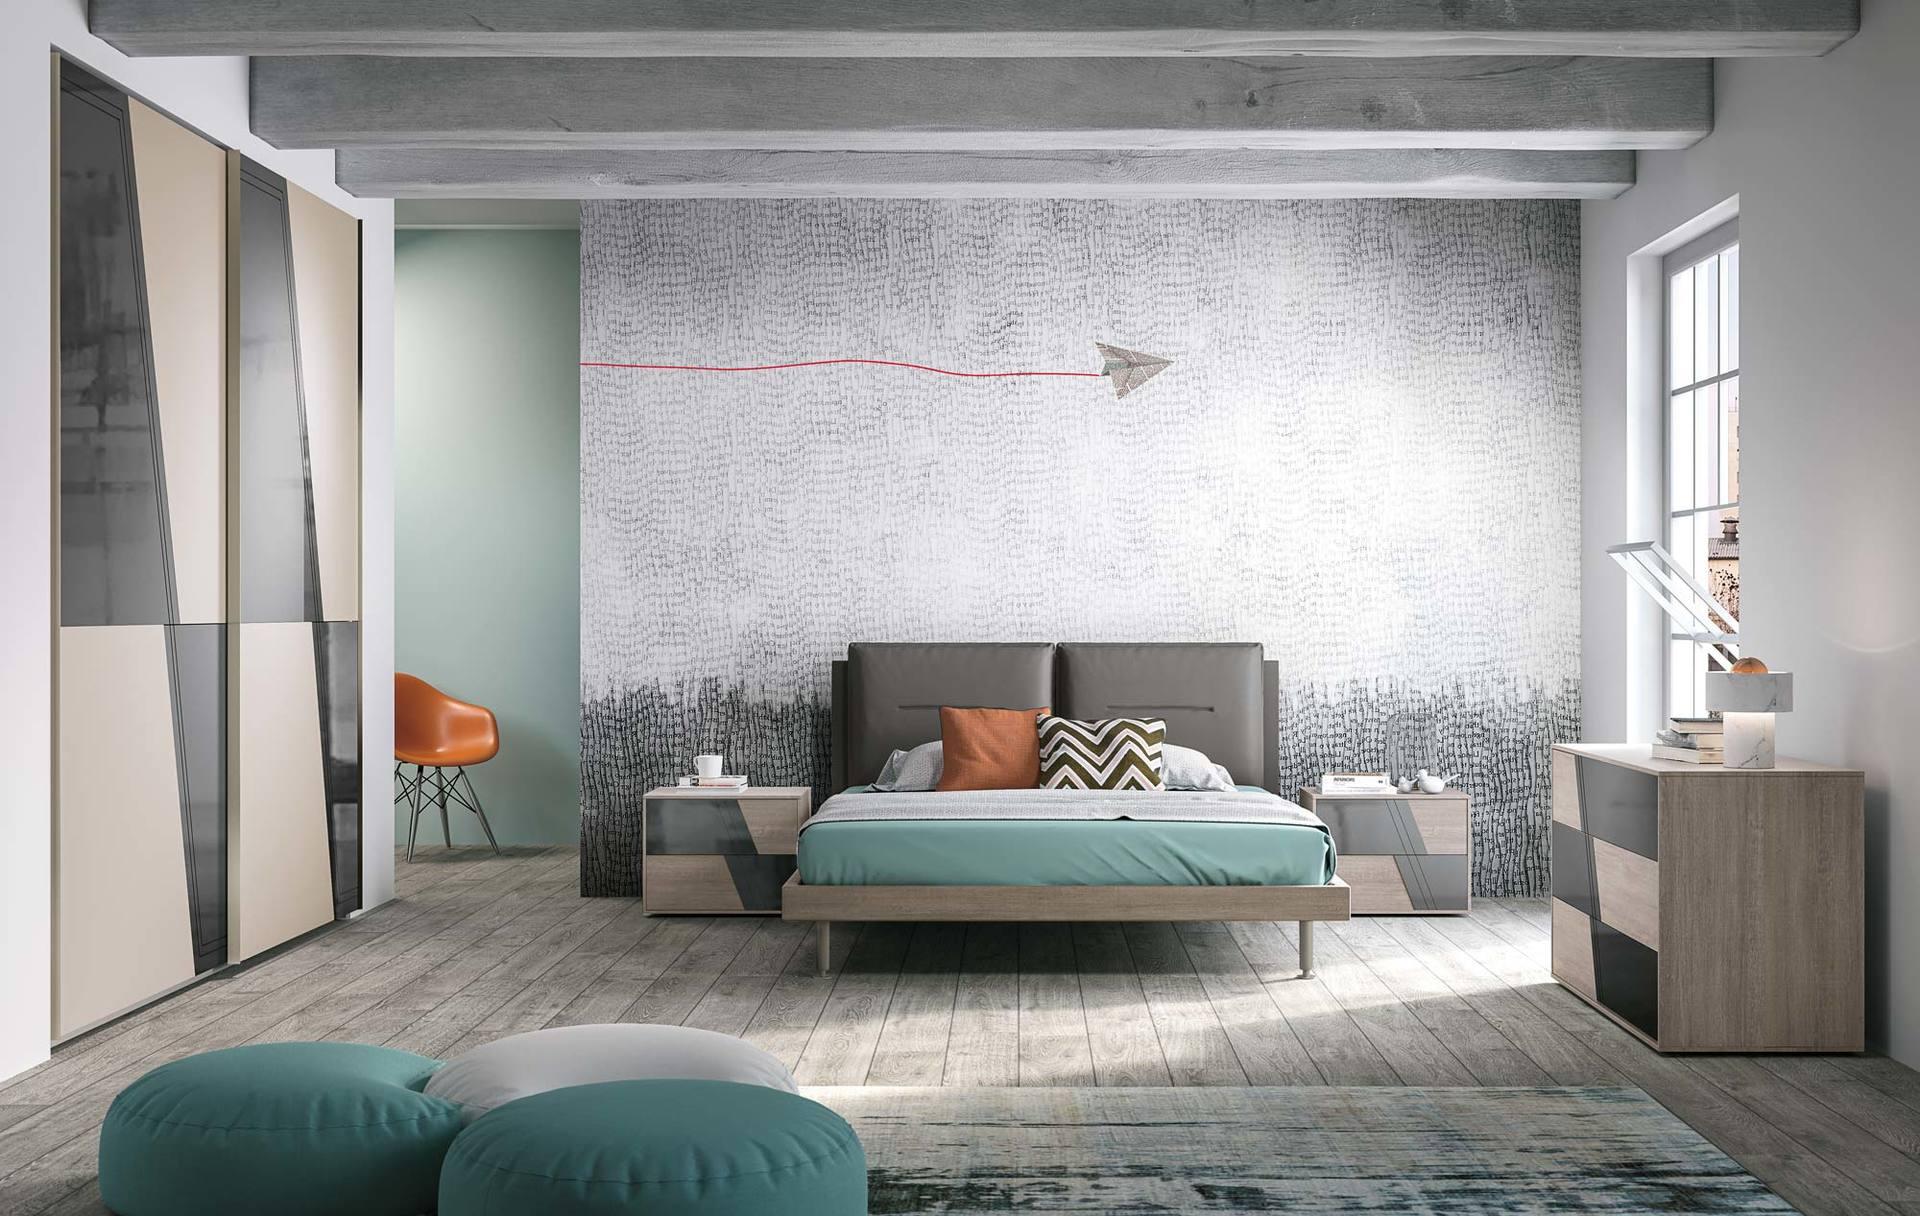 Soggiorni moderni vibo valentia scarcia arredamenti - Camera da letto arredamento moderno ...